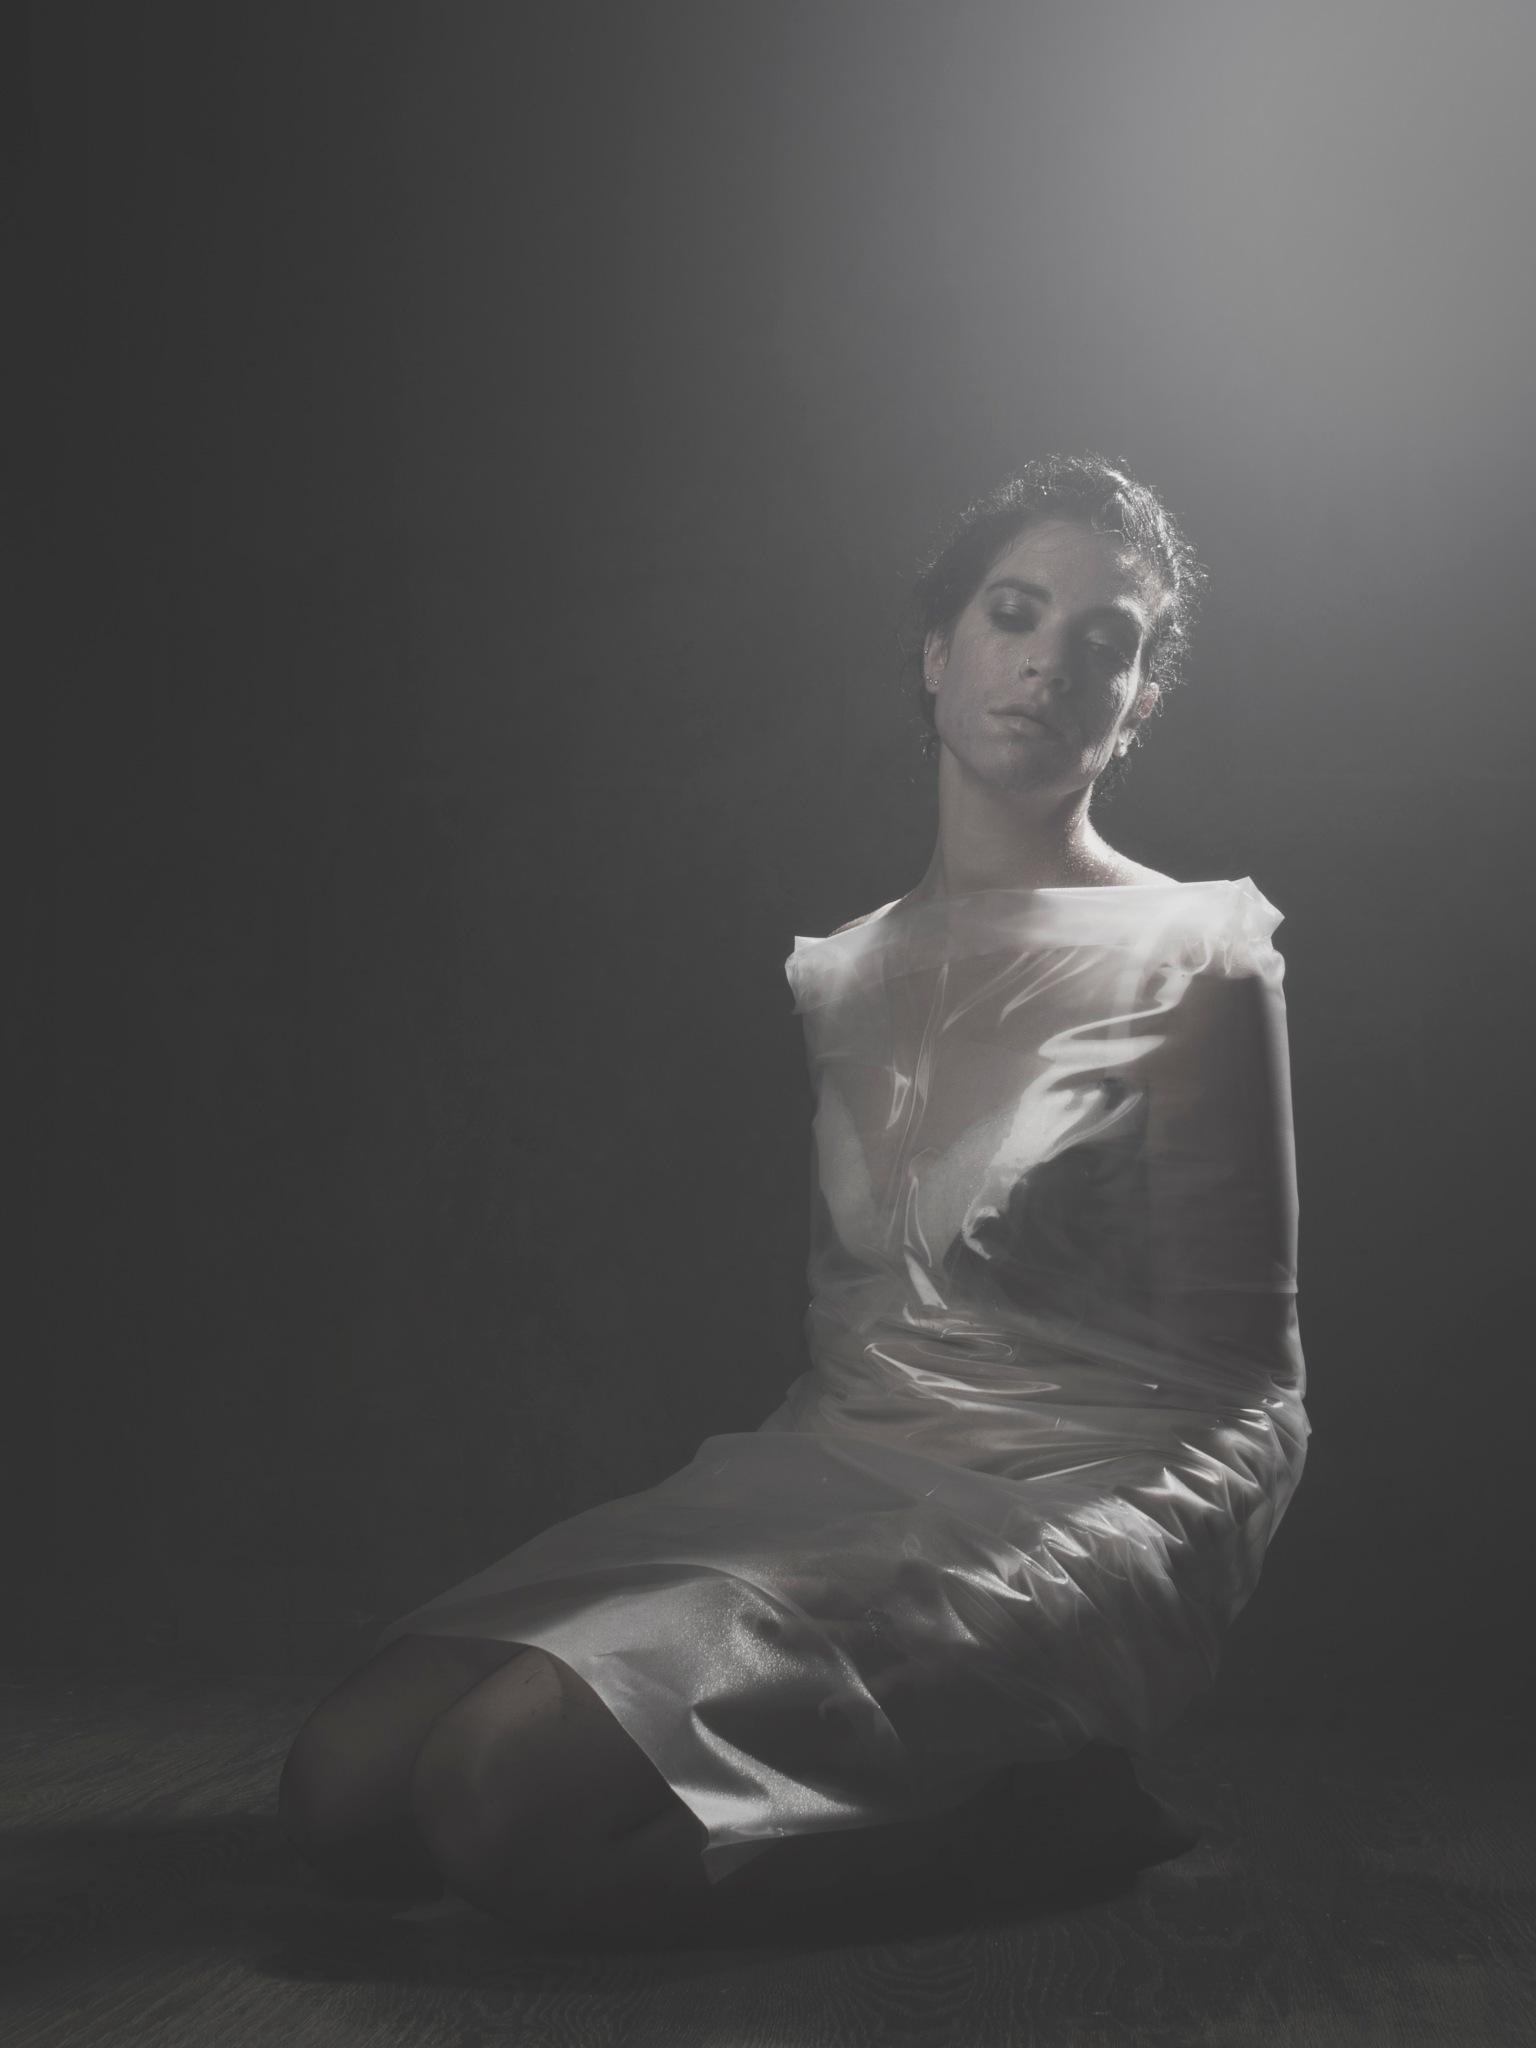 Alone by Antoinette Raijmakers